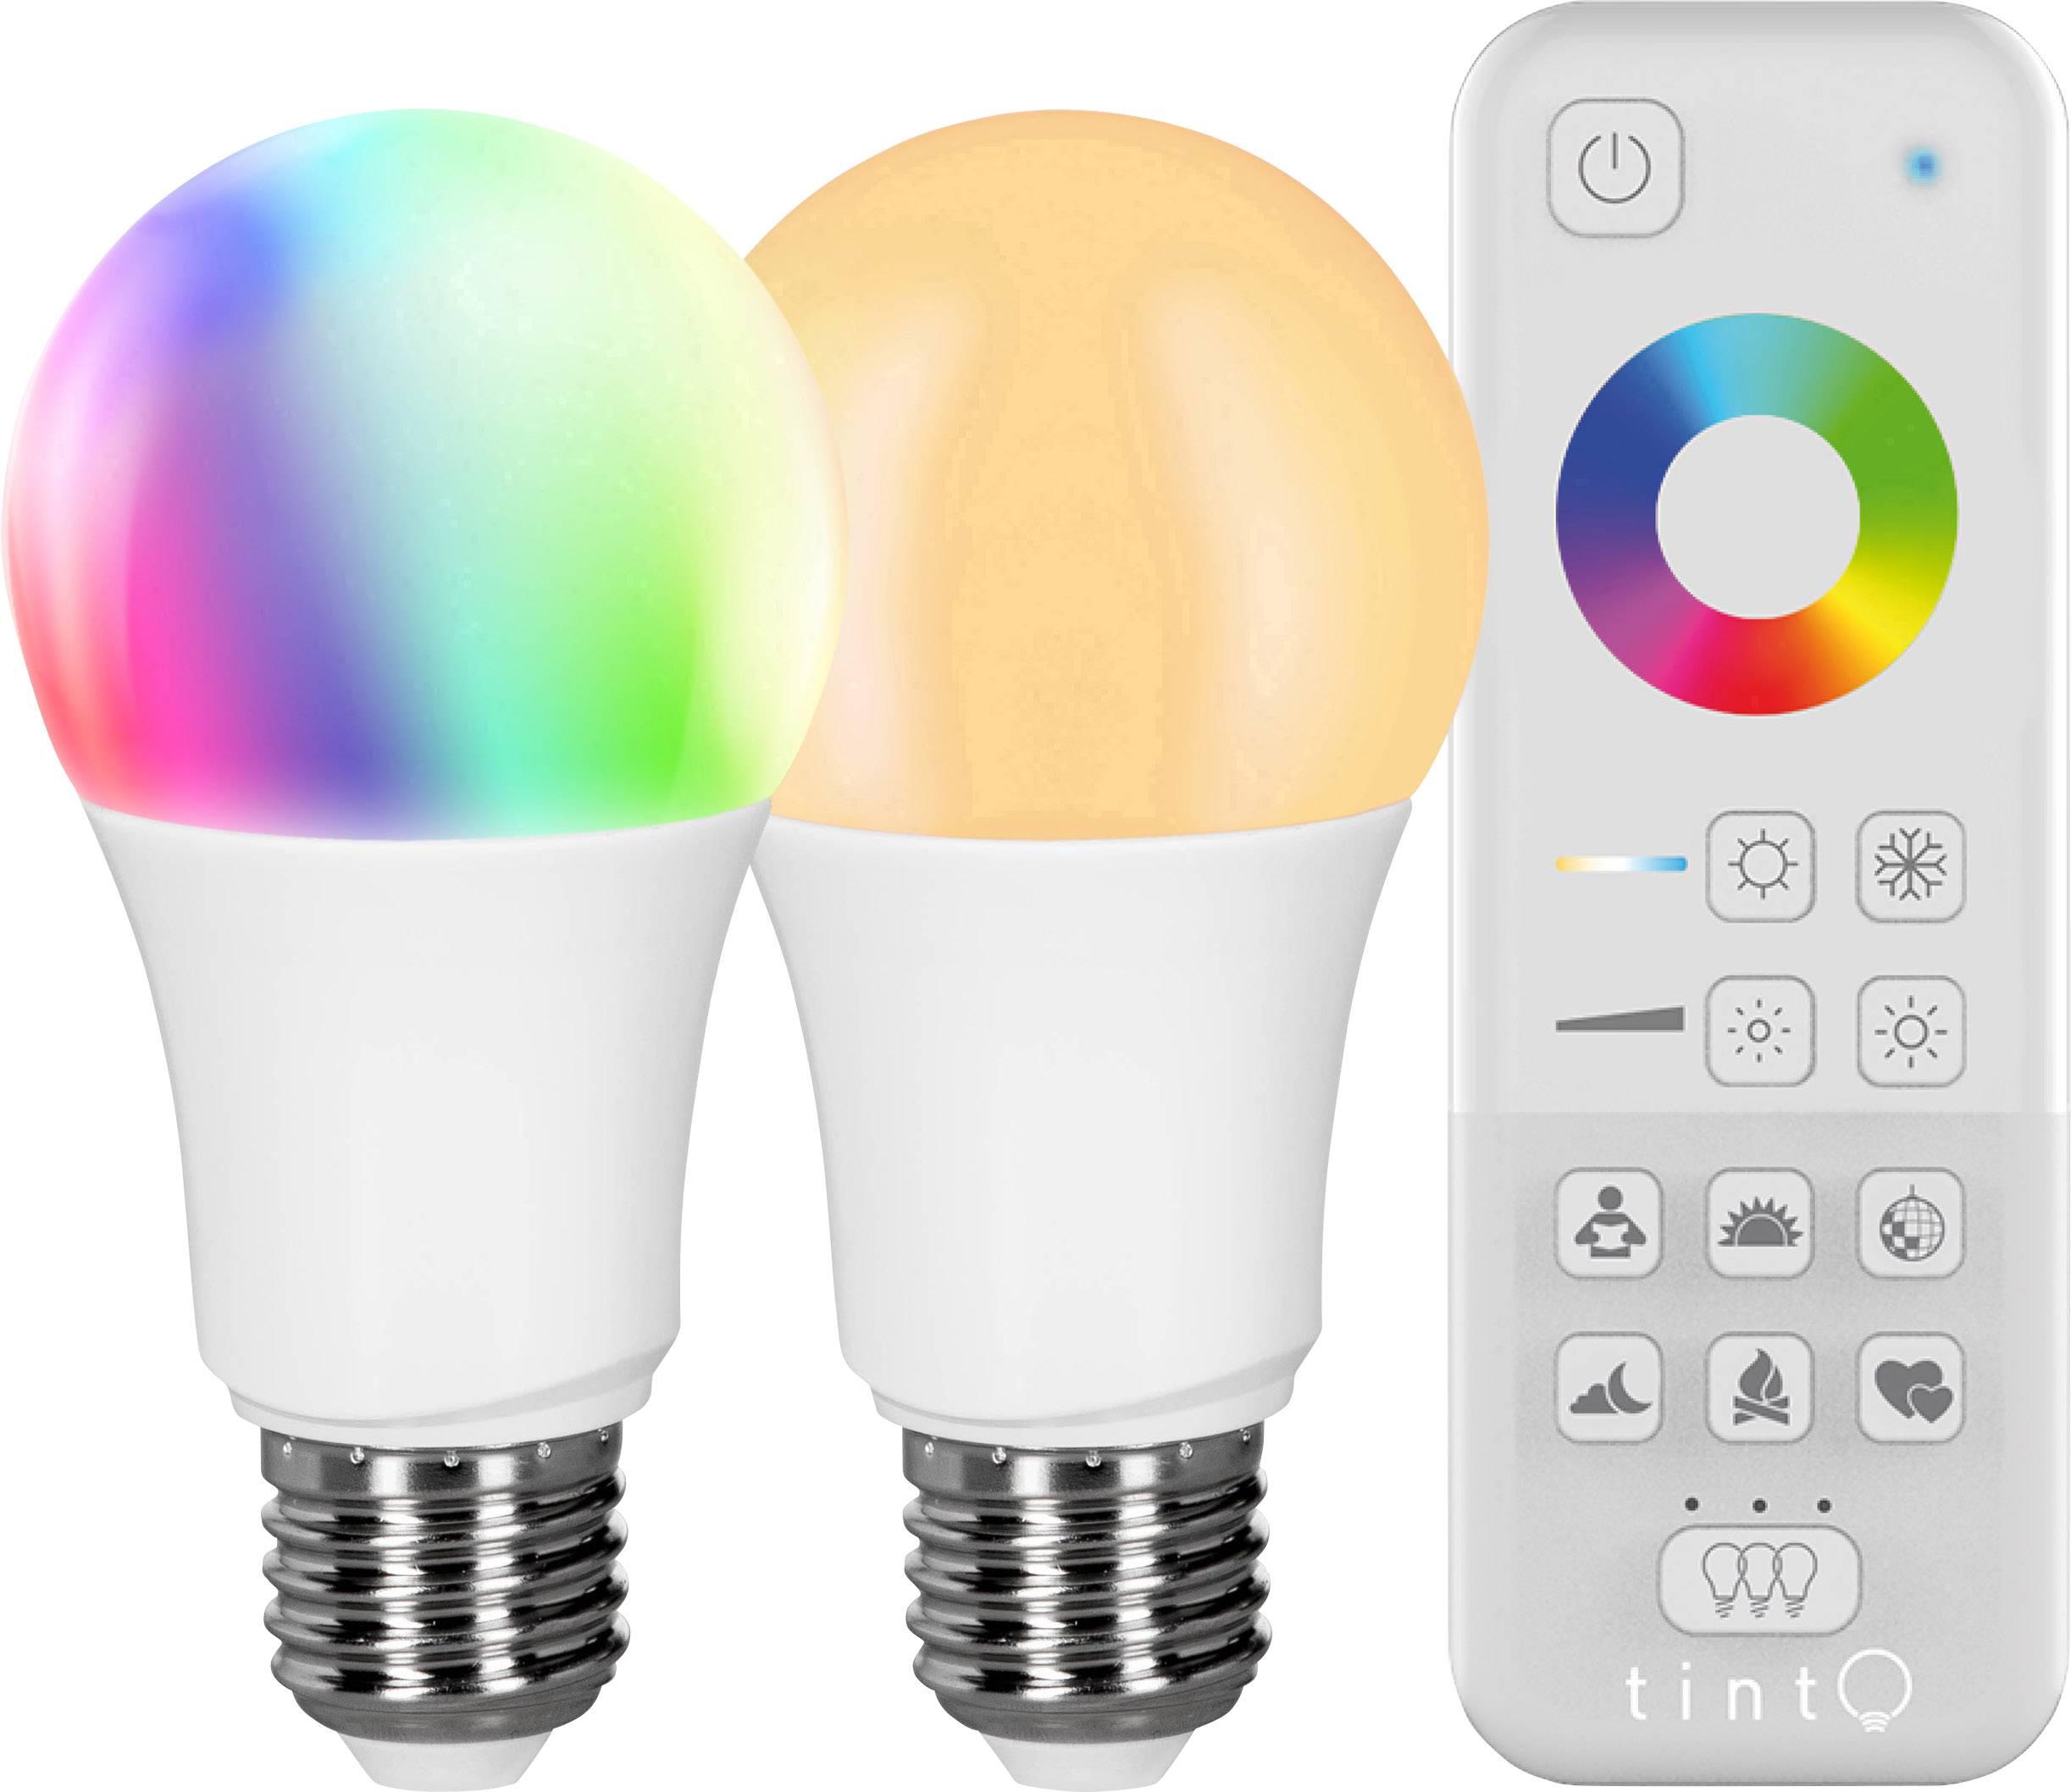 Suchergebnis auf für: LED Beleuchtung: Elektronik